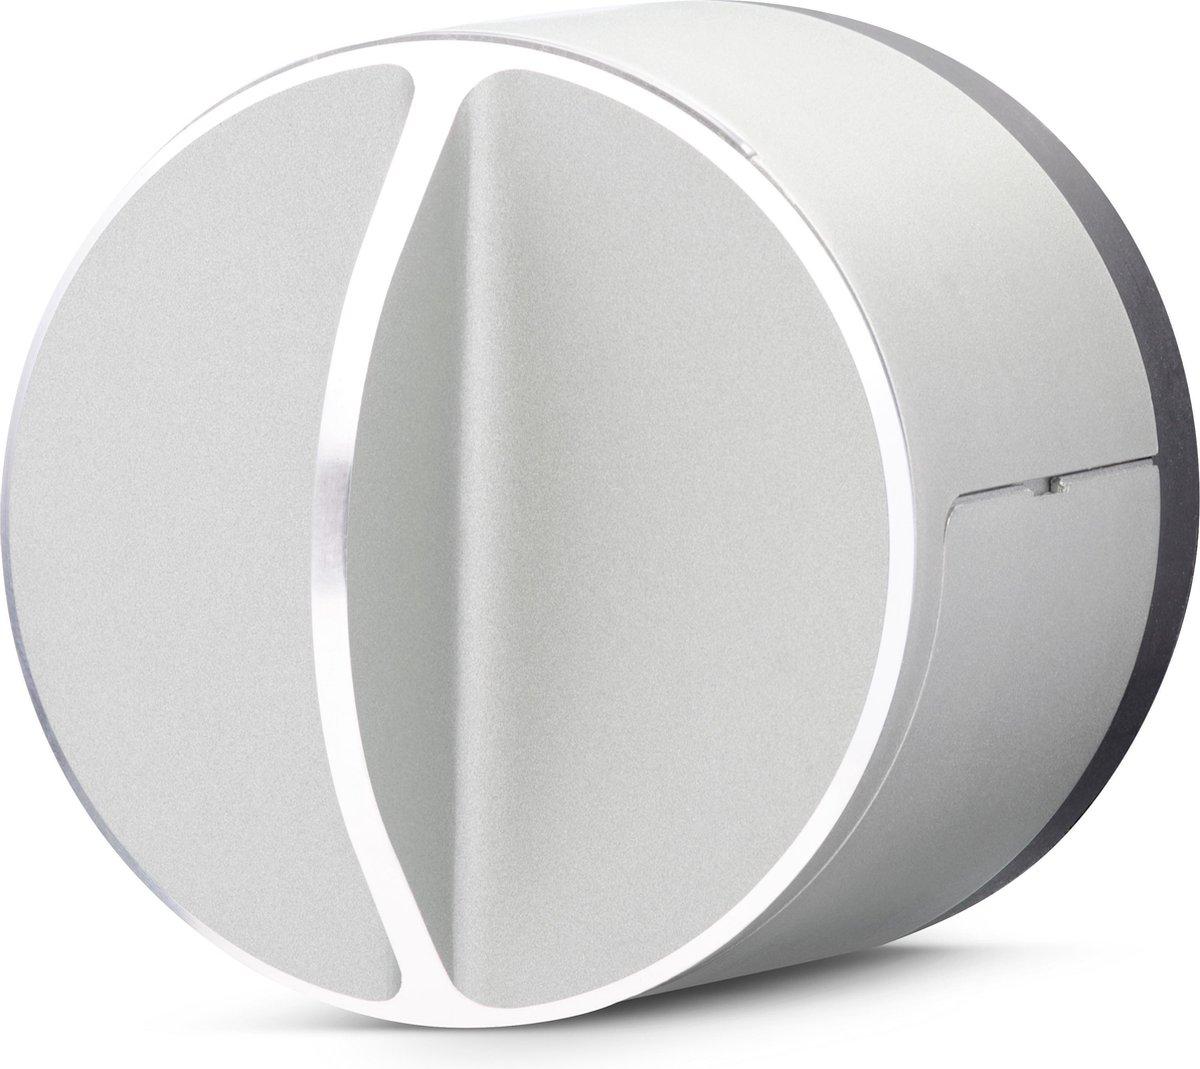 Danalock V3 Smartlock zilver Bluetooth en Zigbee